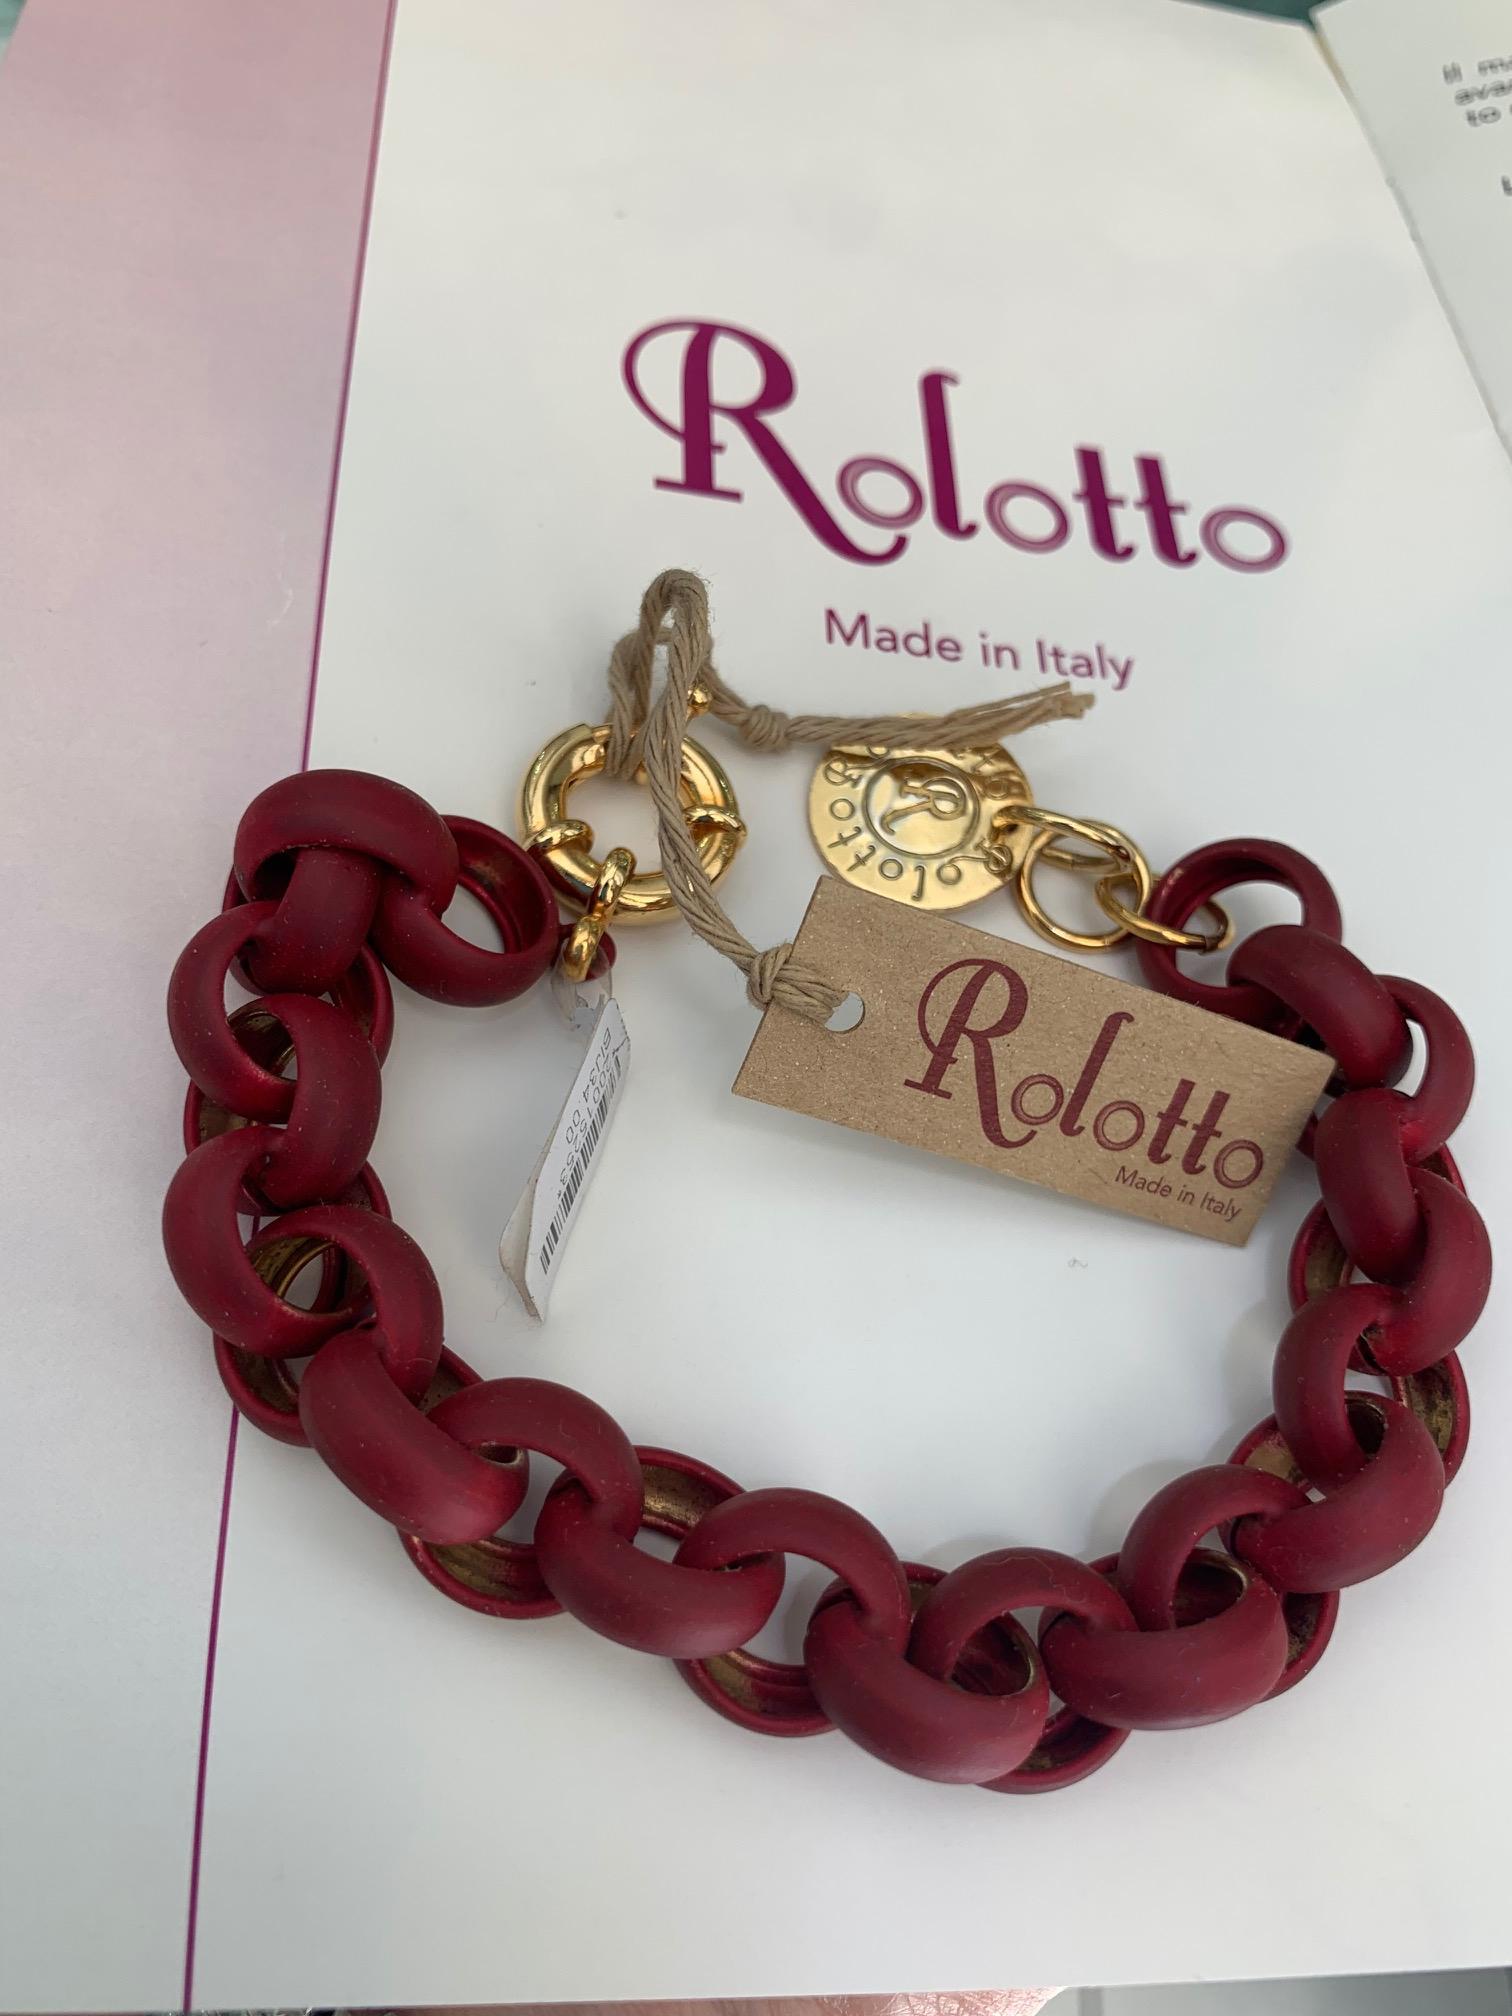 Bracciale donna Rolotto Gum Colore Bordeaux  cod. BR-GOBO